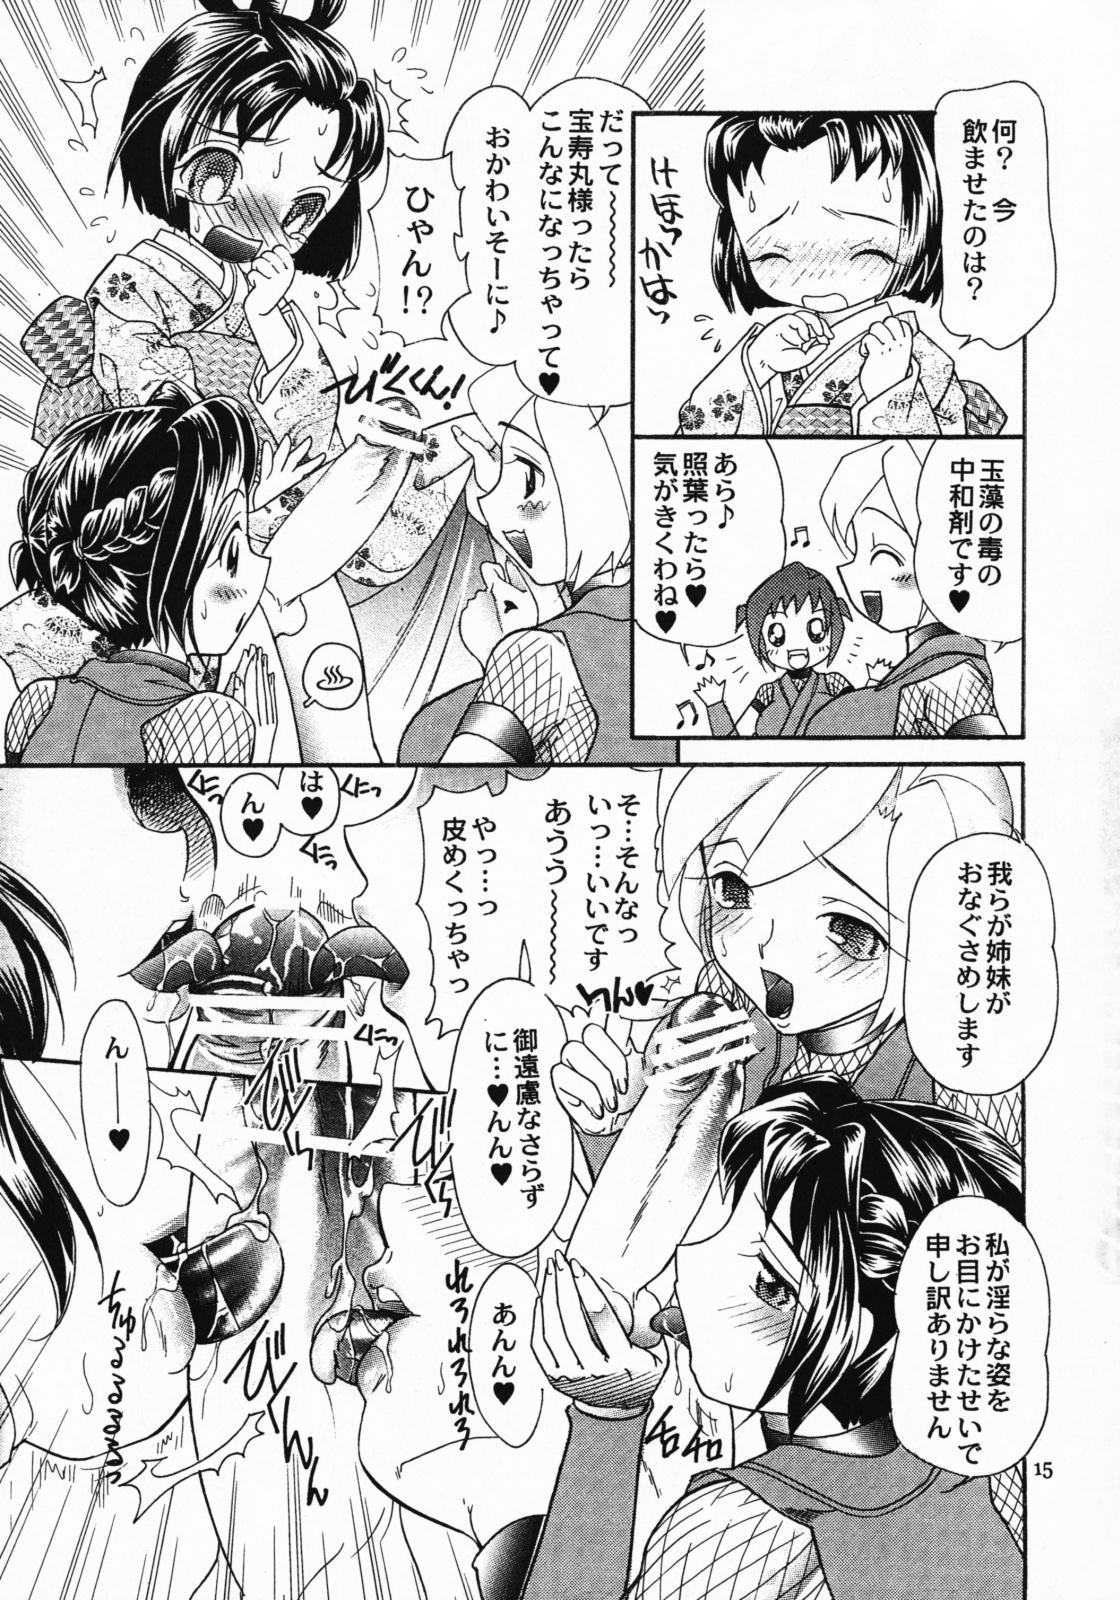 Kunoichi Gahou 3 13